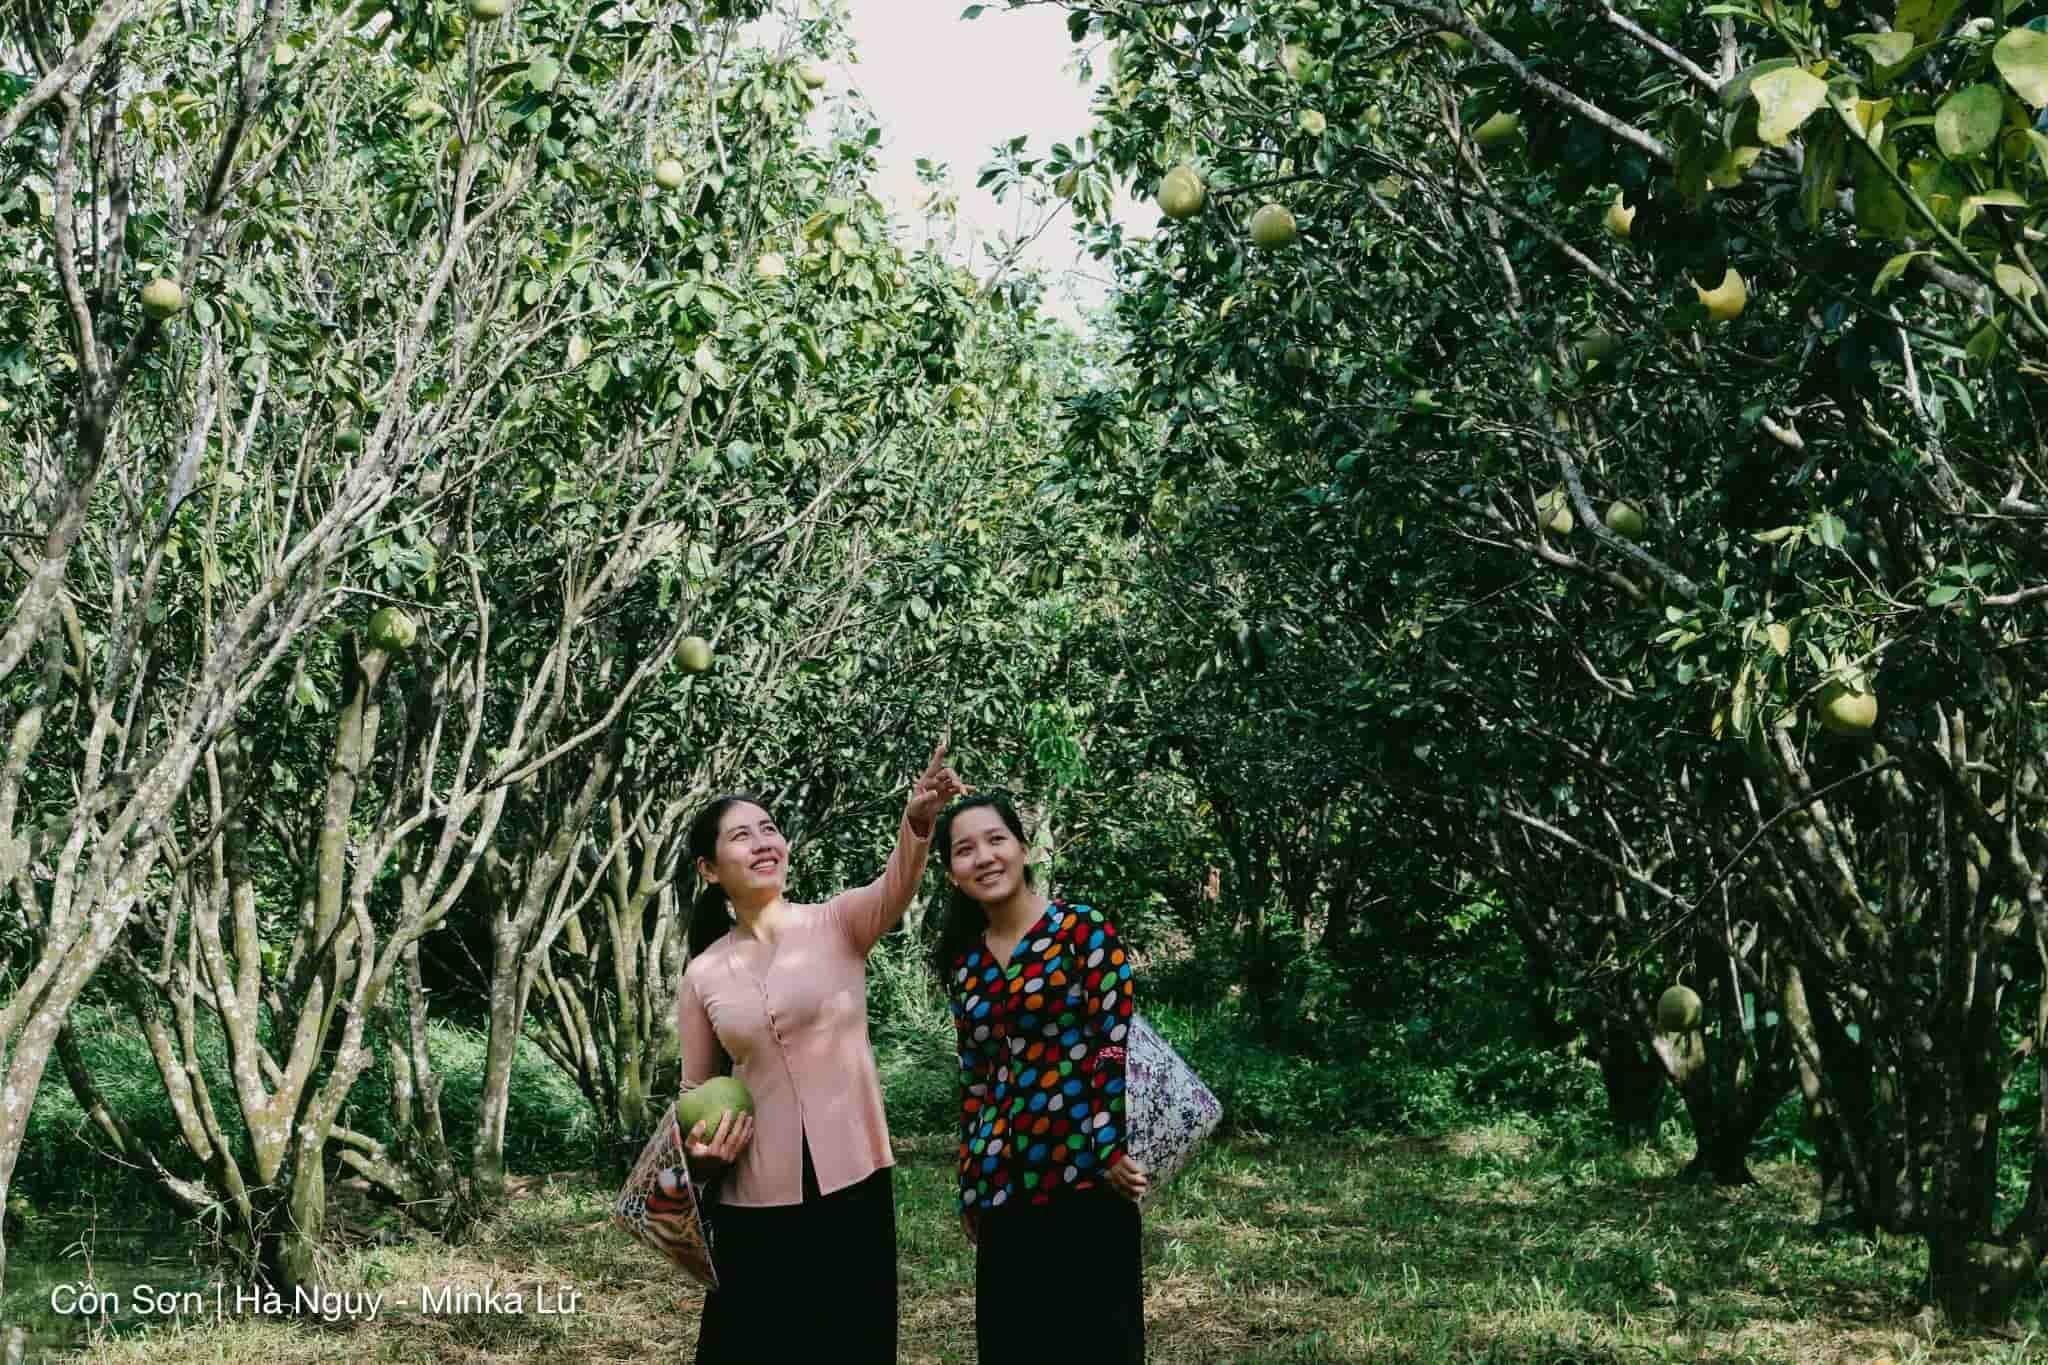 Cồn Sơn- khu du lịch Cần Thơ miệt vườn